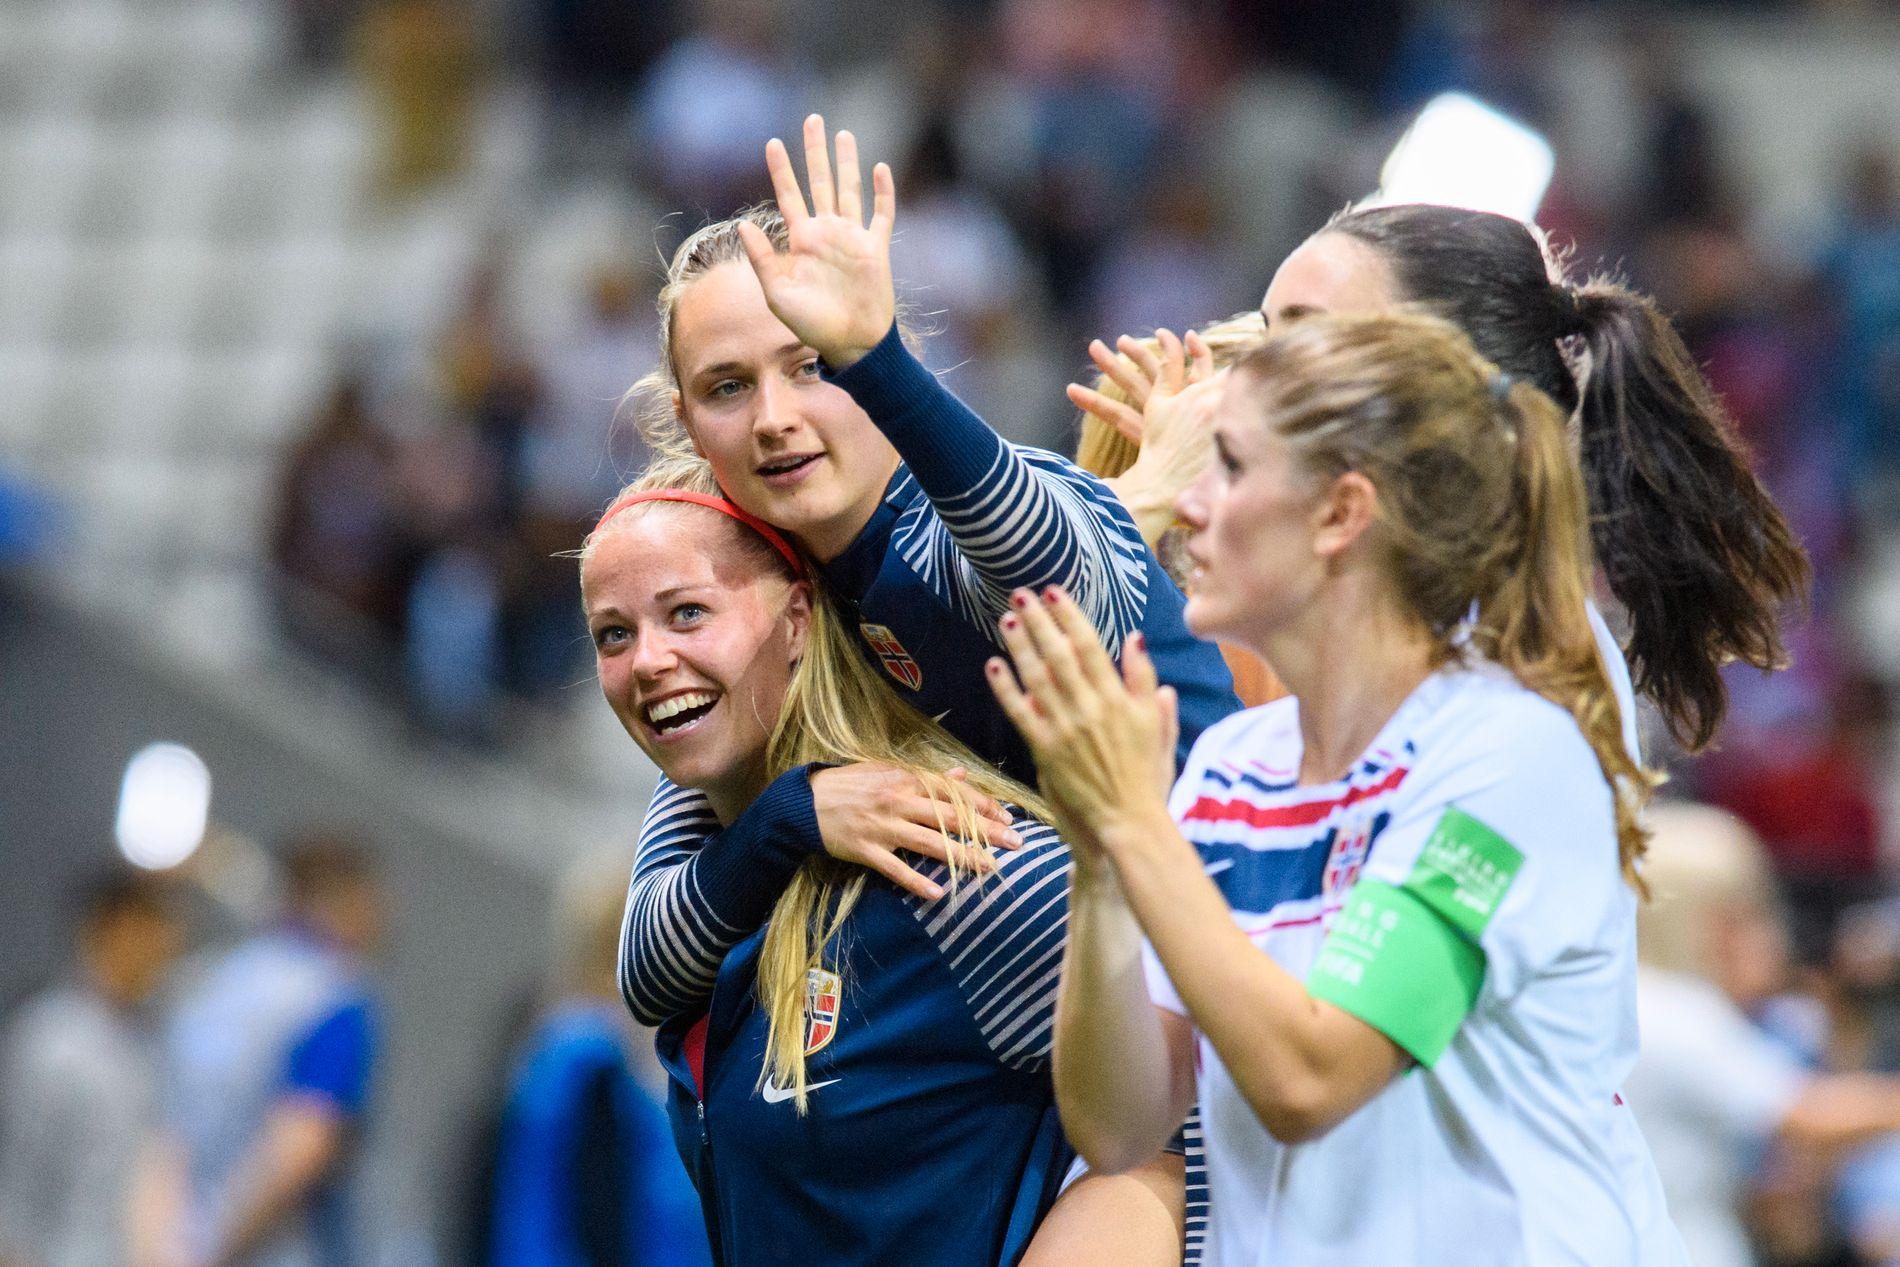 FOTBALL-VM FOR KVINNER: Caroline Graham Hansen og Therese Sessy Åsland på det norske landslaget feirer etter kampen mot Sør-Korea 17. juni.